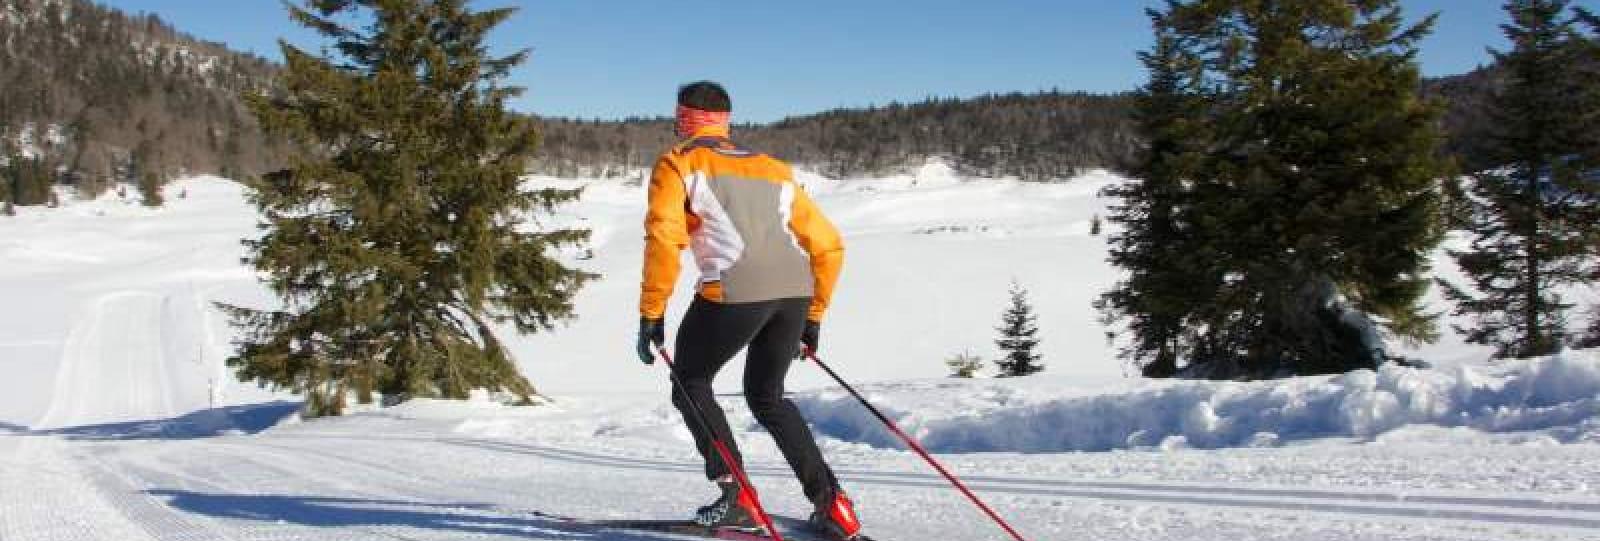 Parcours de ski d'orientation Chaud Clapier